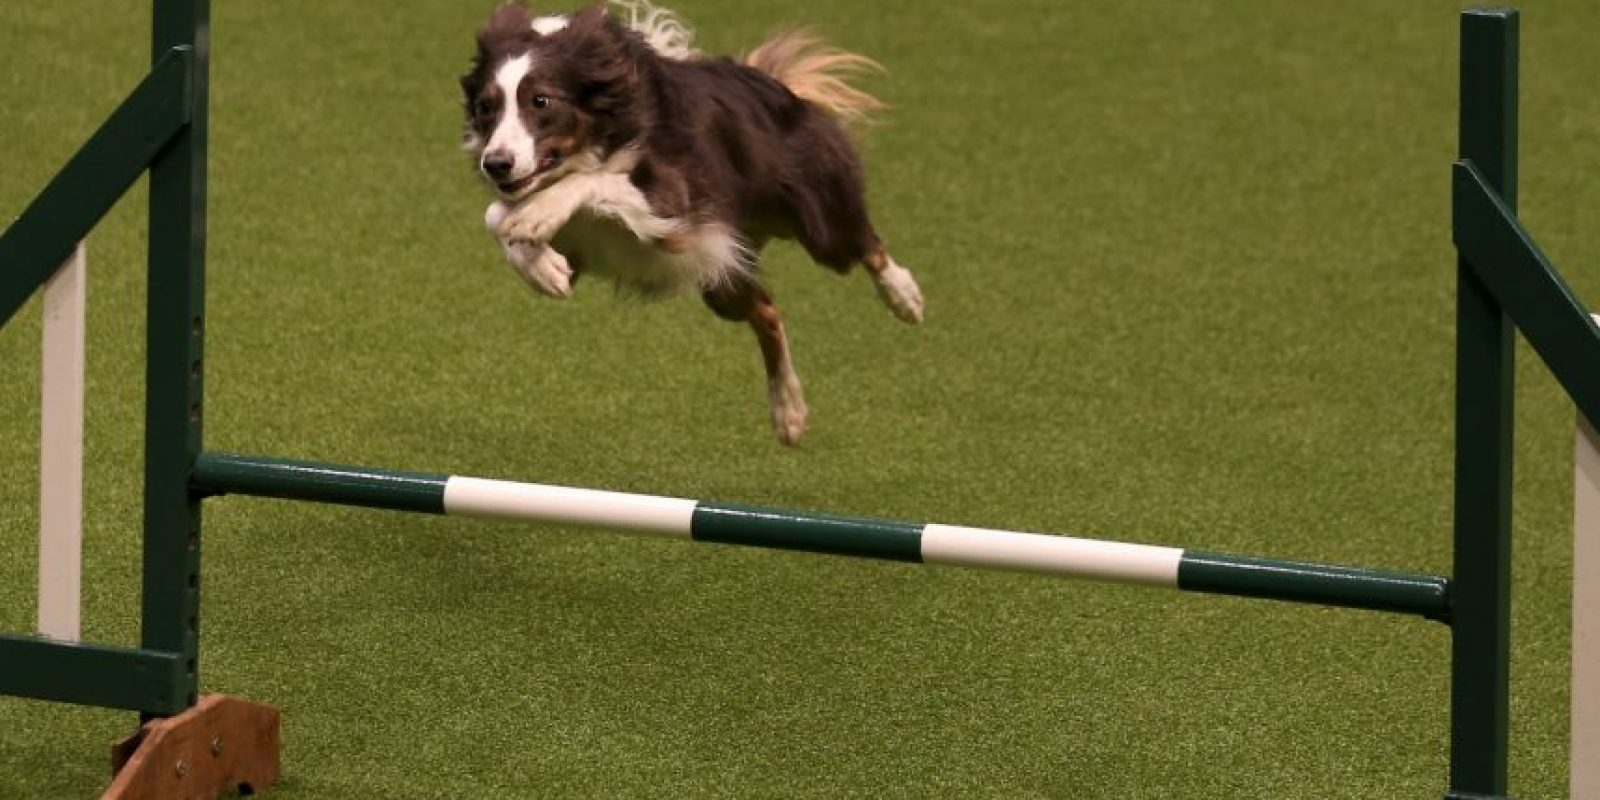 Se demostró que los perros que eran más rápidos también fueron más precisos Foto:Getty